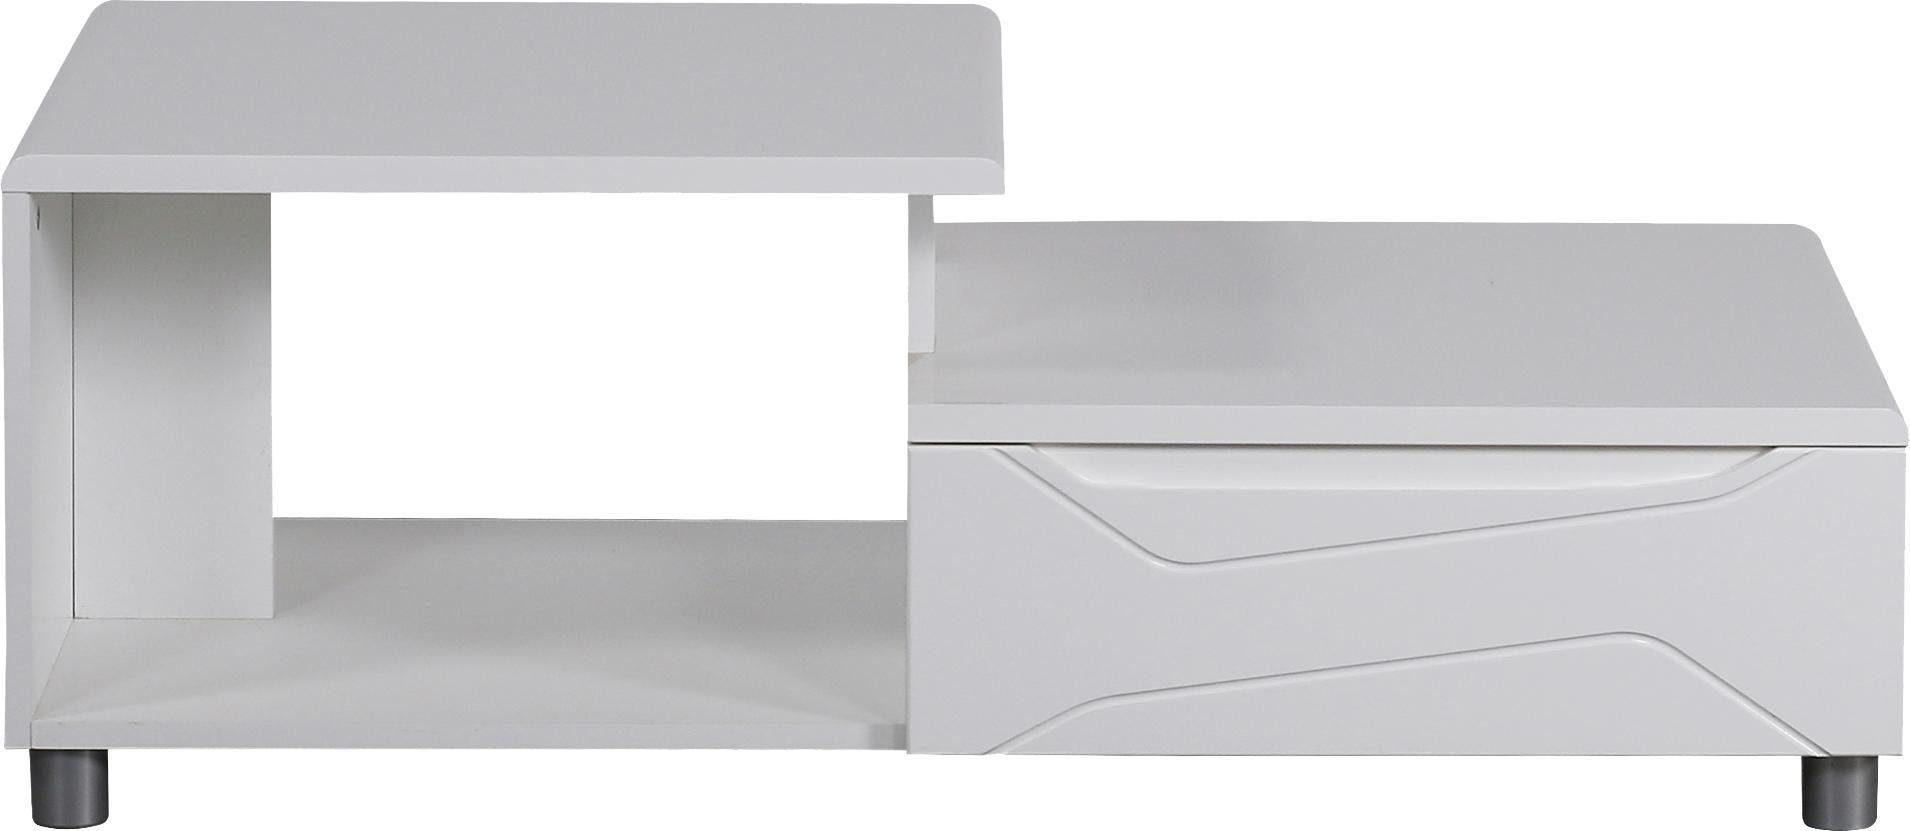 INOSIGN Couchtisch »New Port«, mit schönem Design auf der Schubladenfront, Breite 110 cm